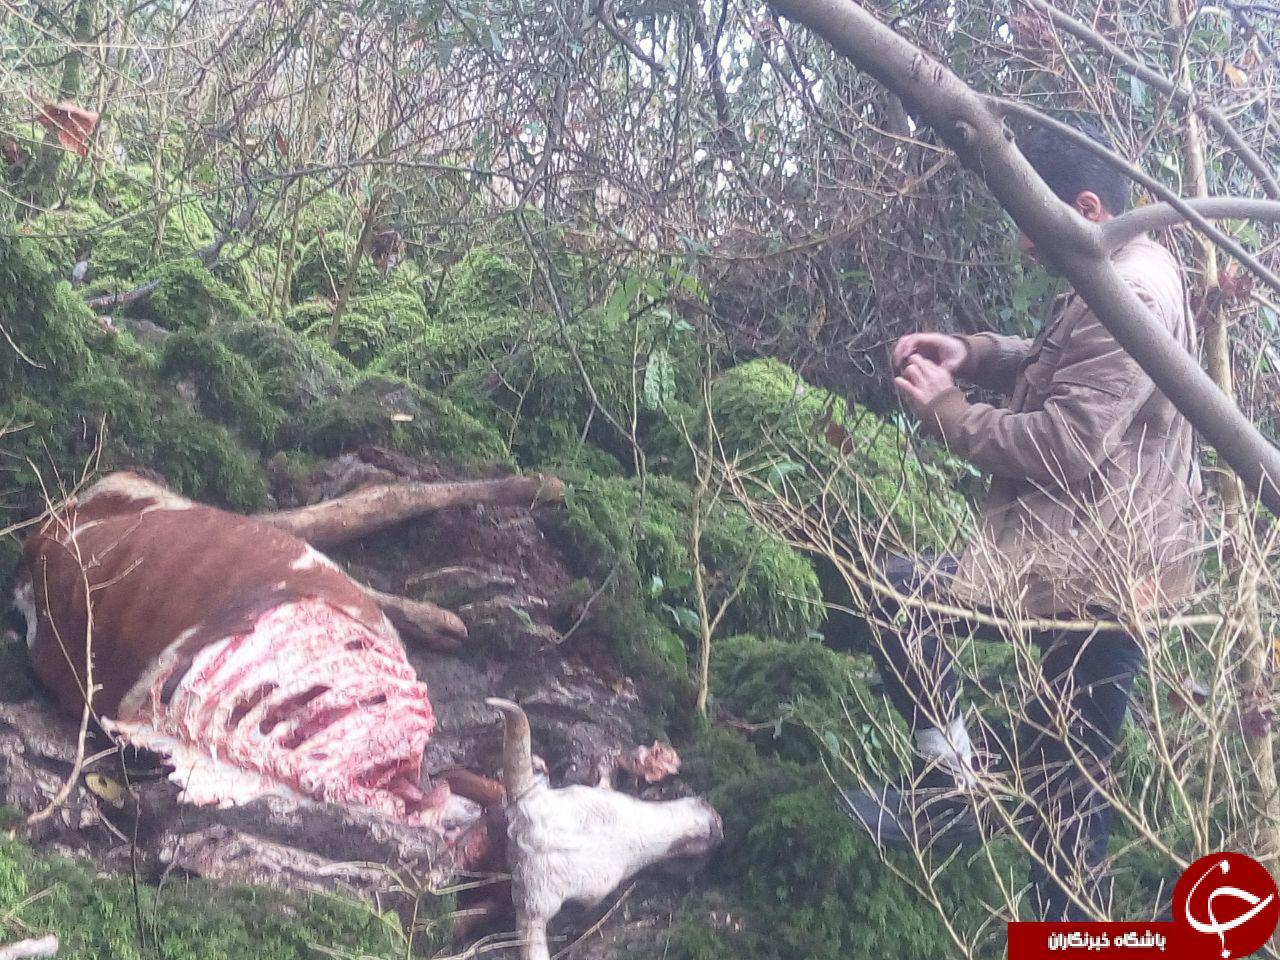 حمله پلنگ به یک راس گاو+ تصاویر